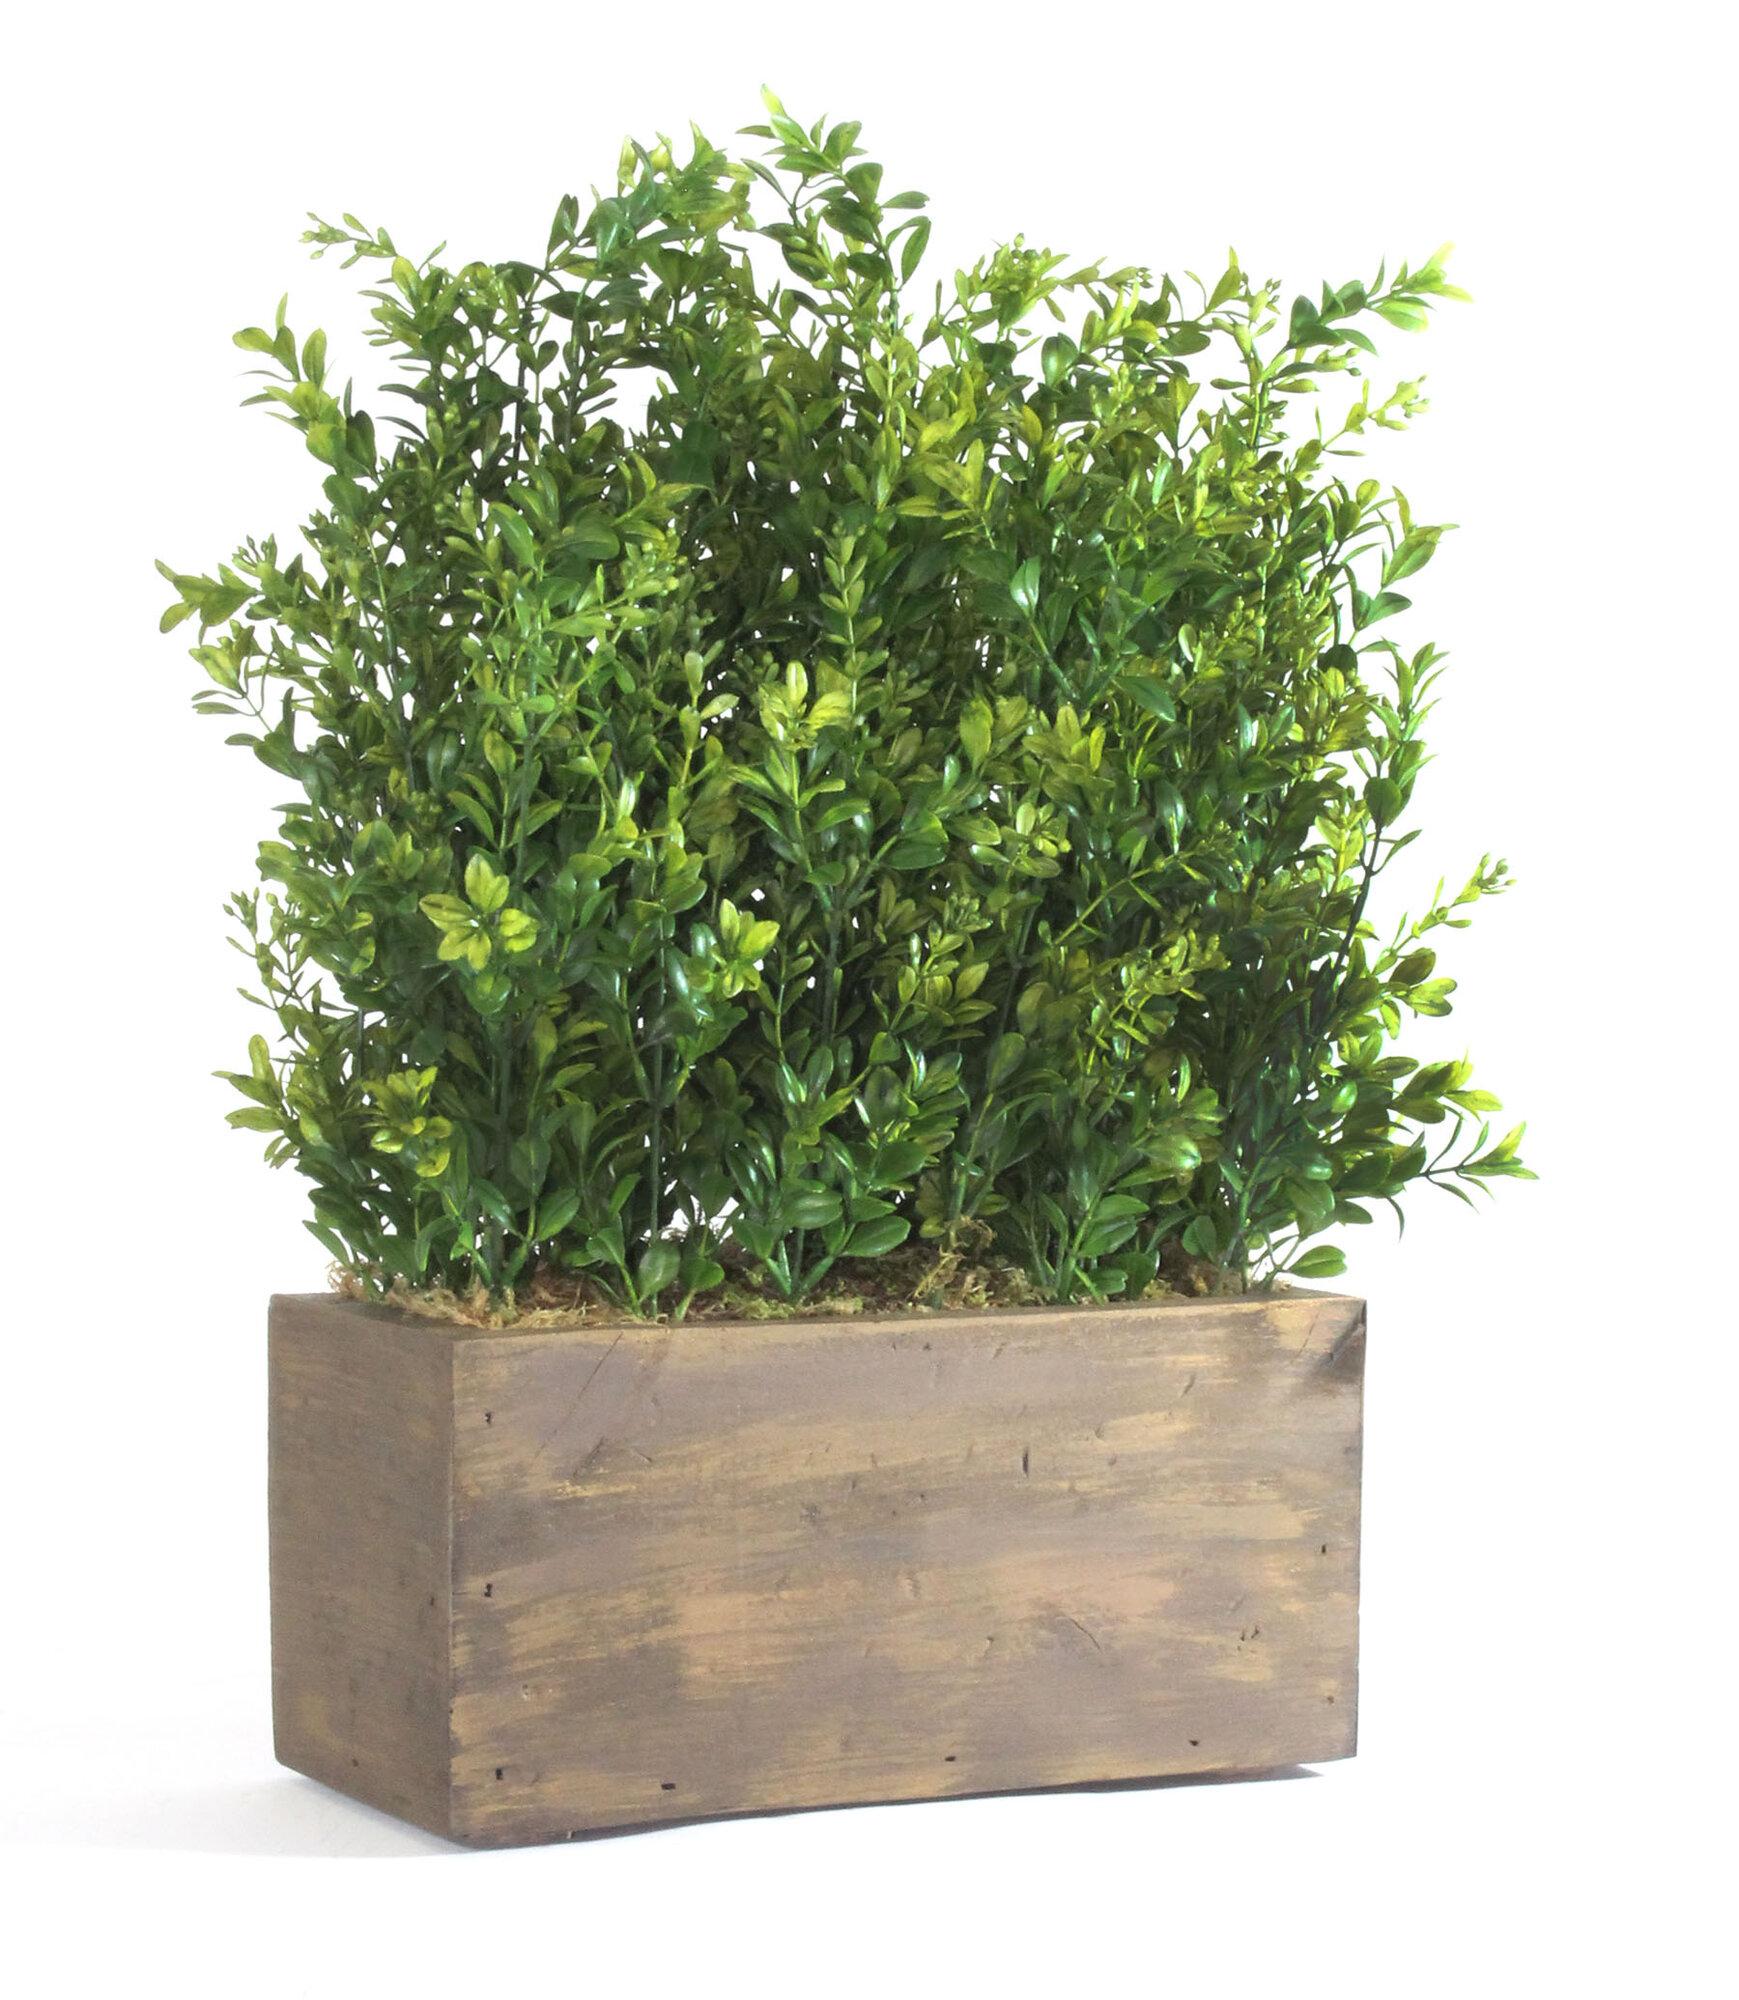 Dalmarko Designs Small Table Top Boxwood in Wood Planter | eBay